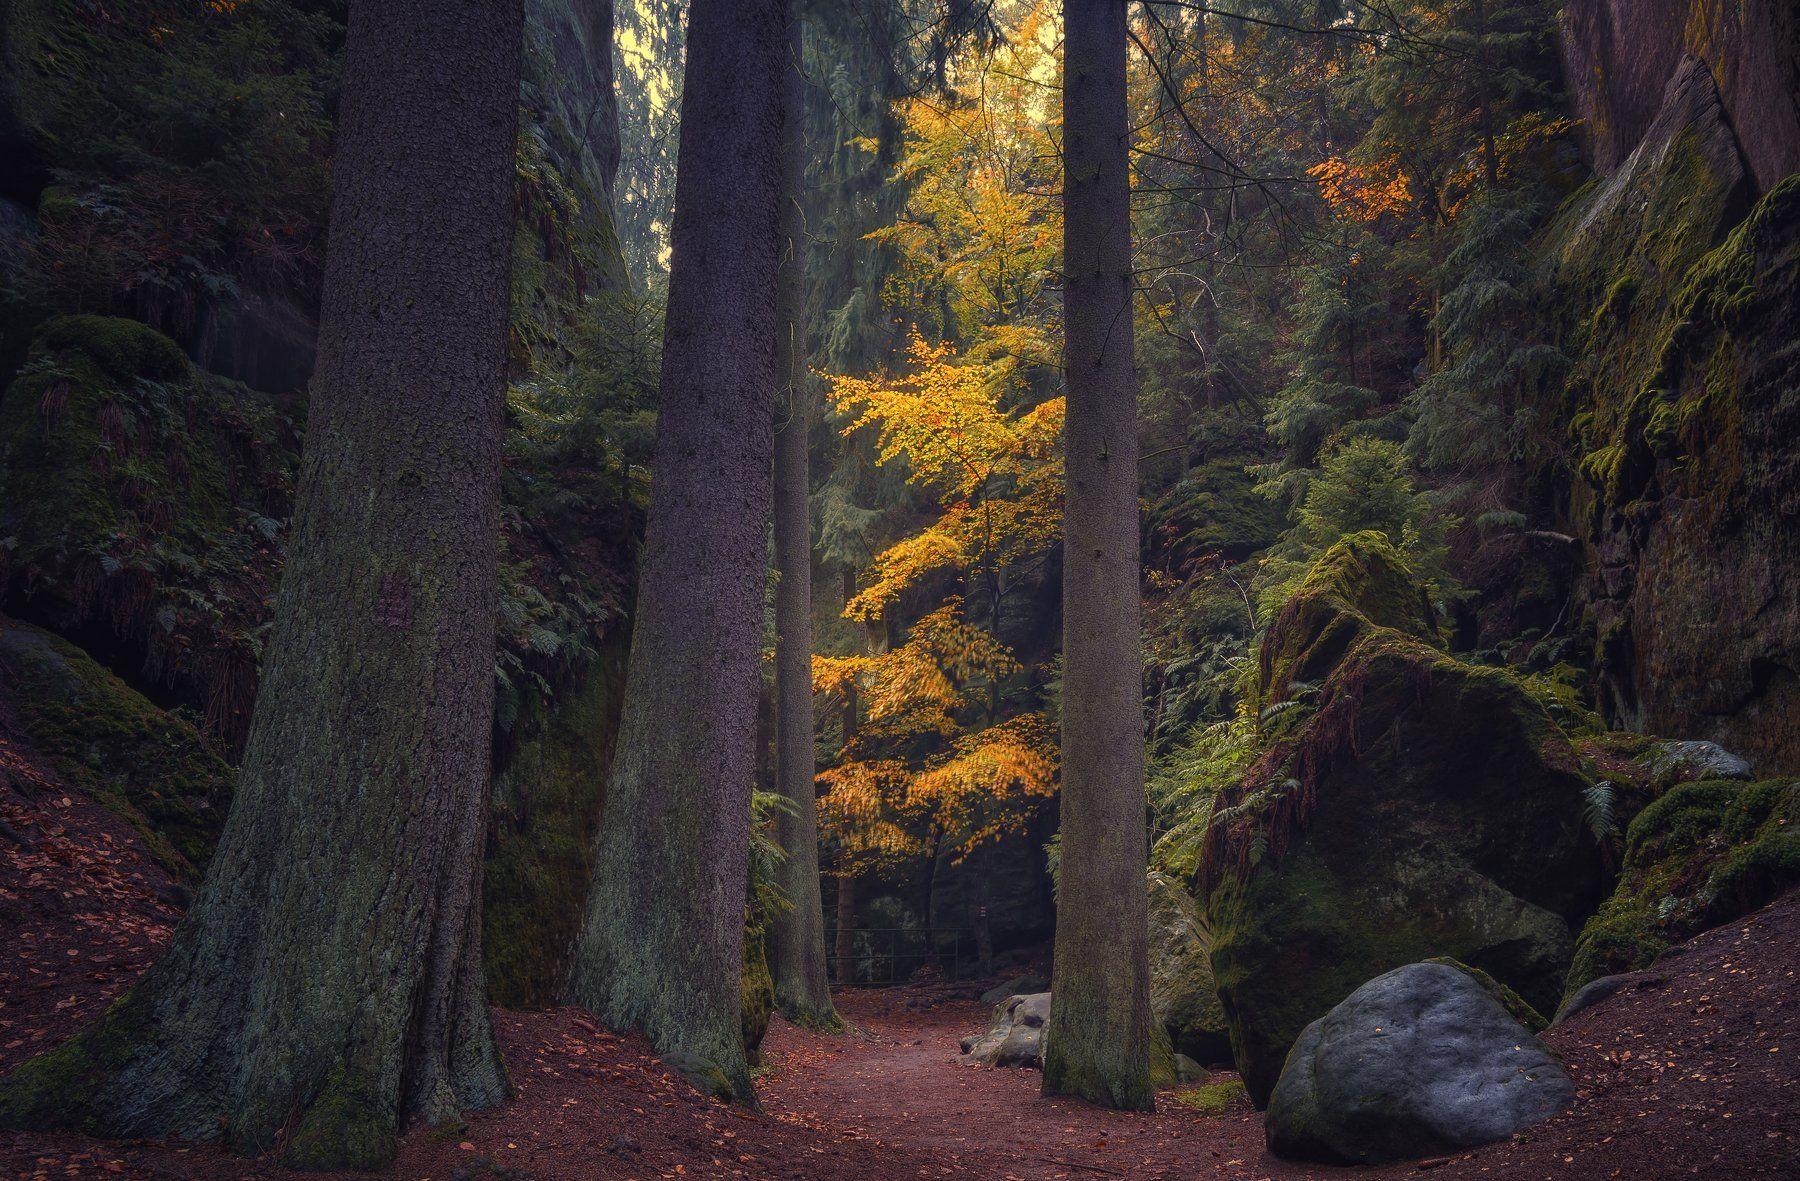 природа лес деревья осень листва утро туман путешествия пейзаж тени  чехия скалы горы, Ожерельев Андрей